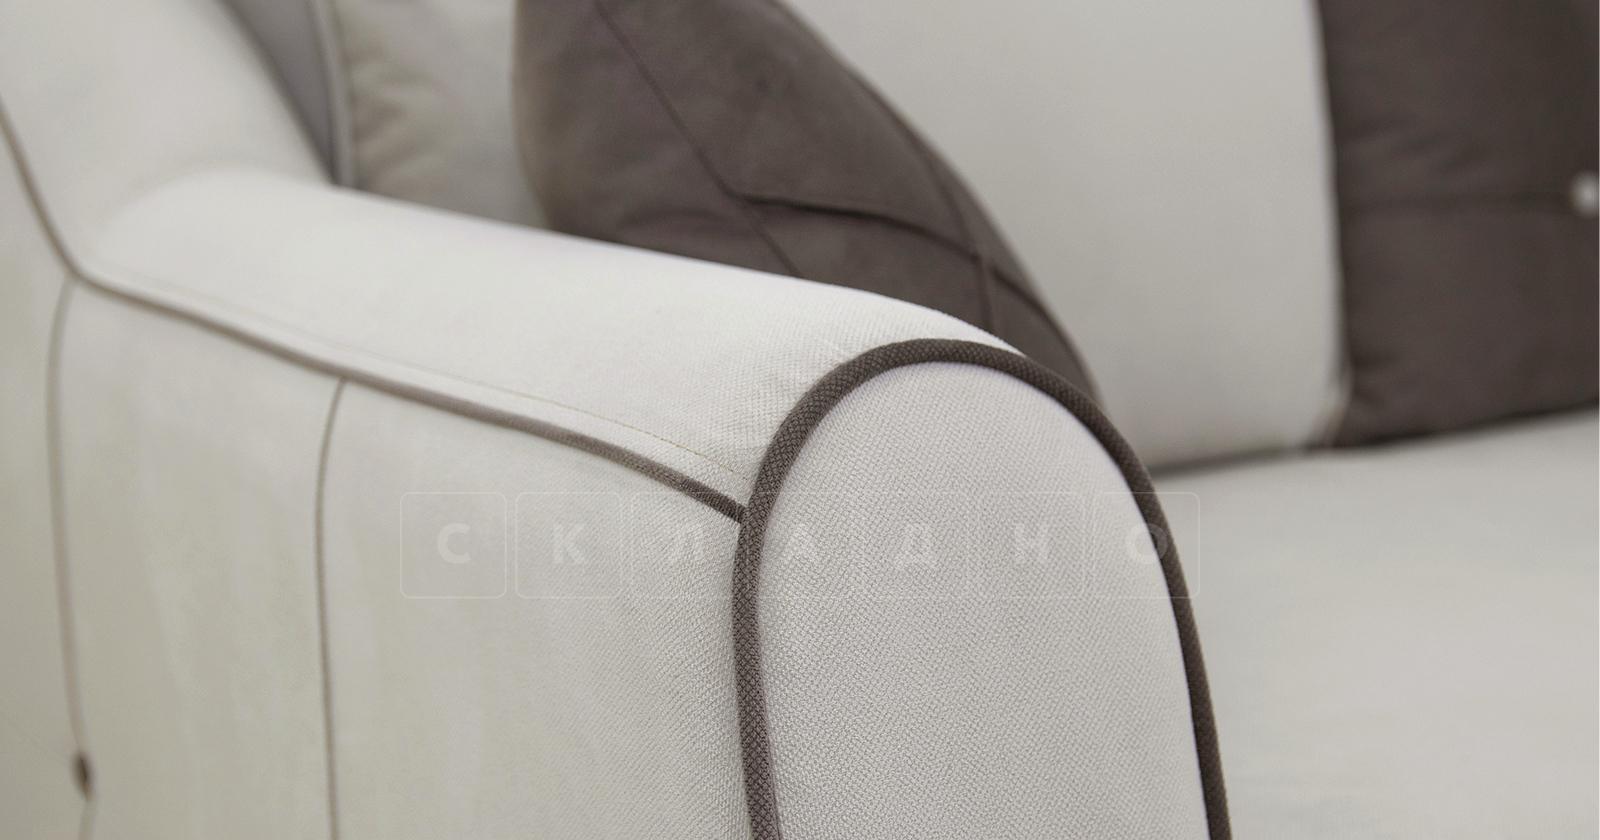 Диван-кровать Флэтфорд серо-бежевый фото 7 | интернет-магазин Складно